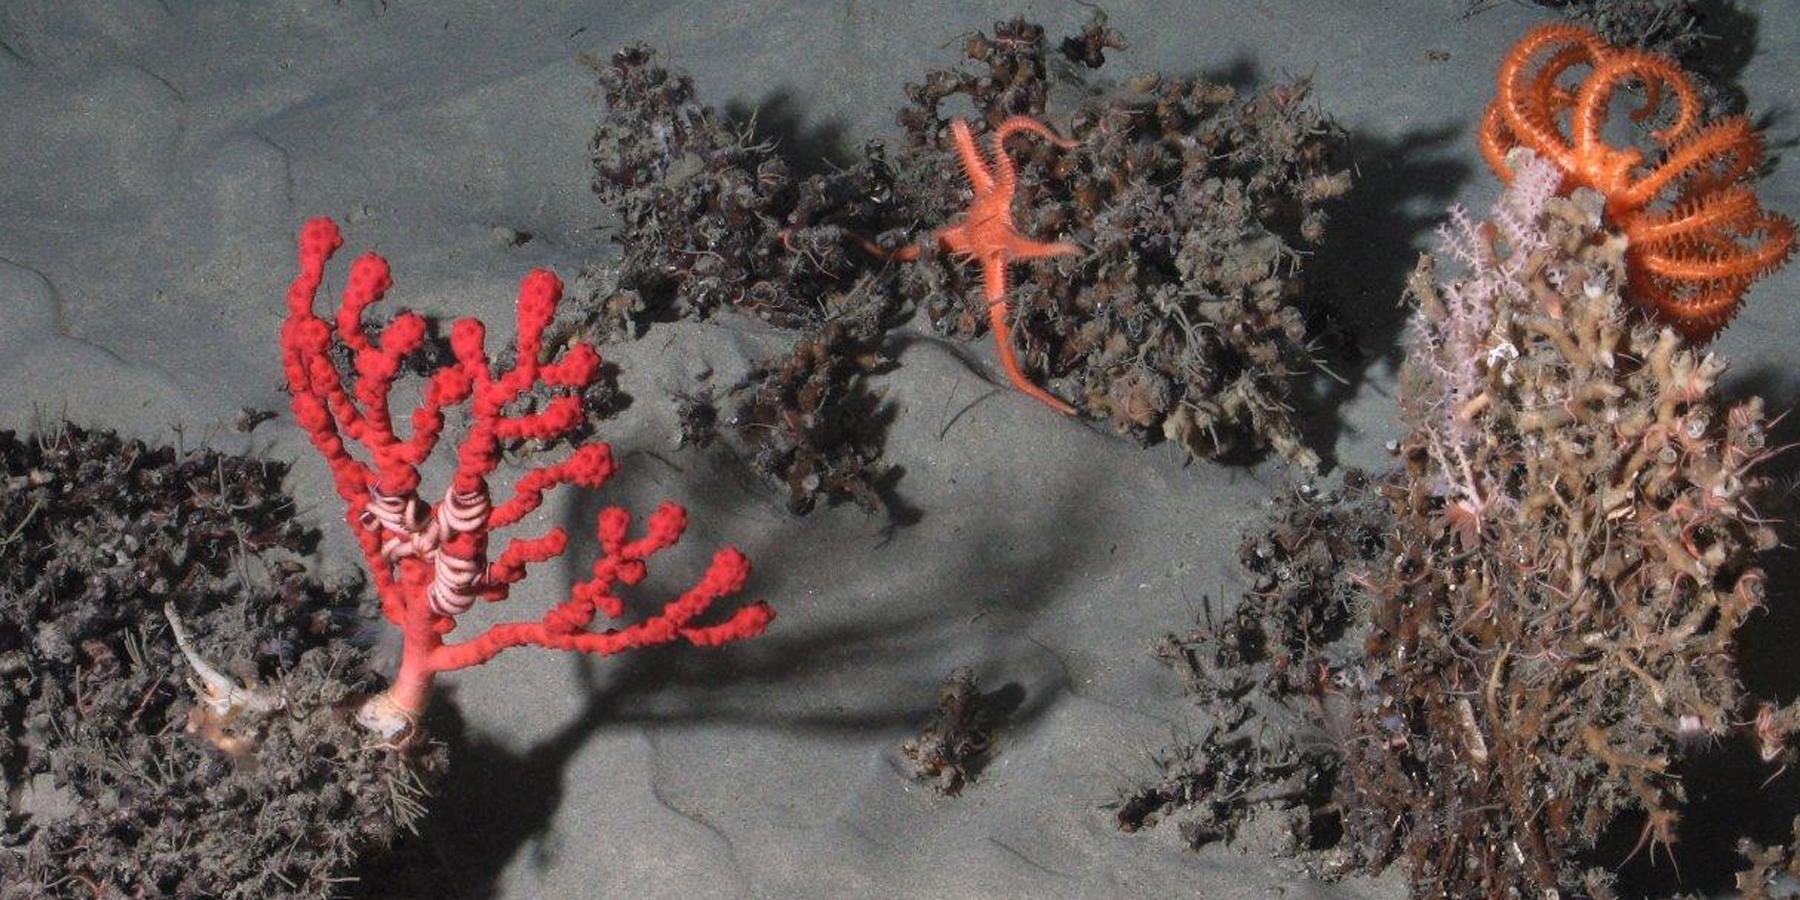 coraux froids - Les canyons sous-marins, des réservoirs de vie menacés